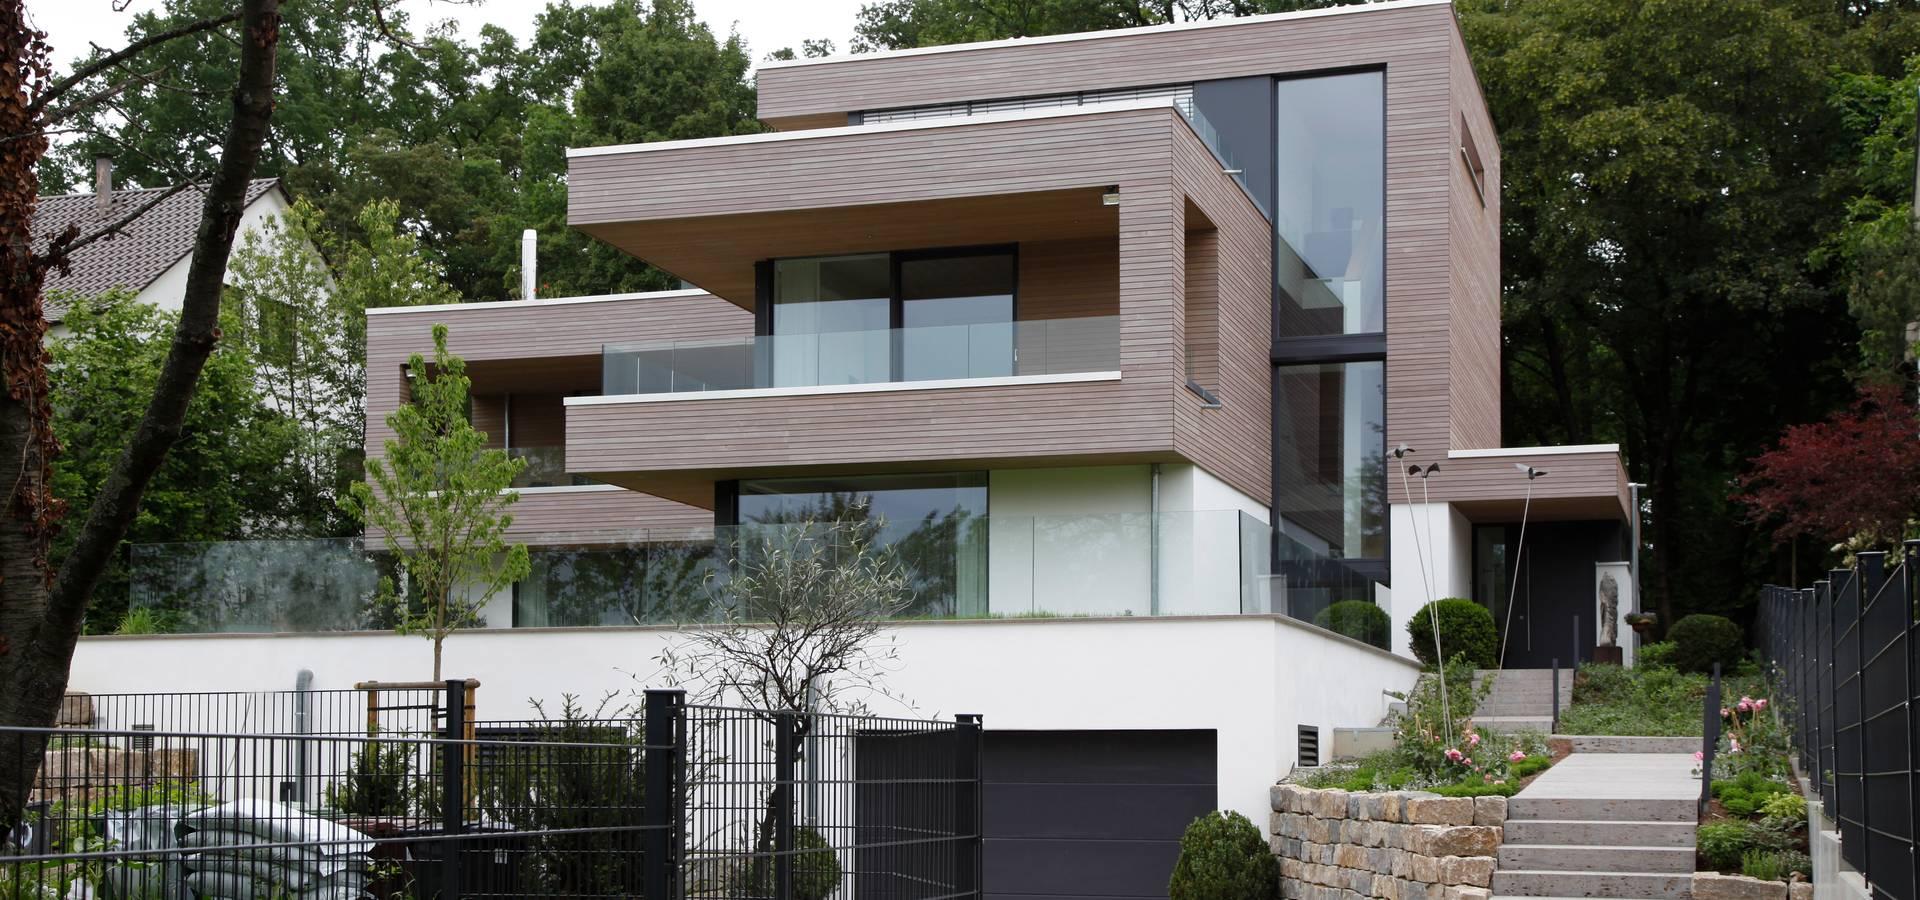 villa in ludwigsburg von birke architekten homify. Black Bedroom Furniture Sets. Home Design Ideas